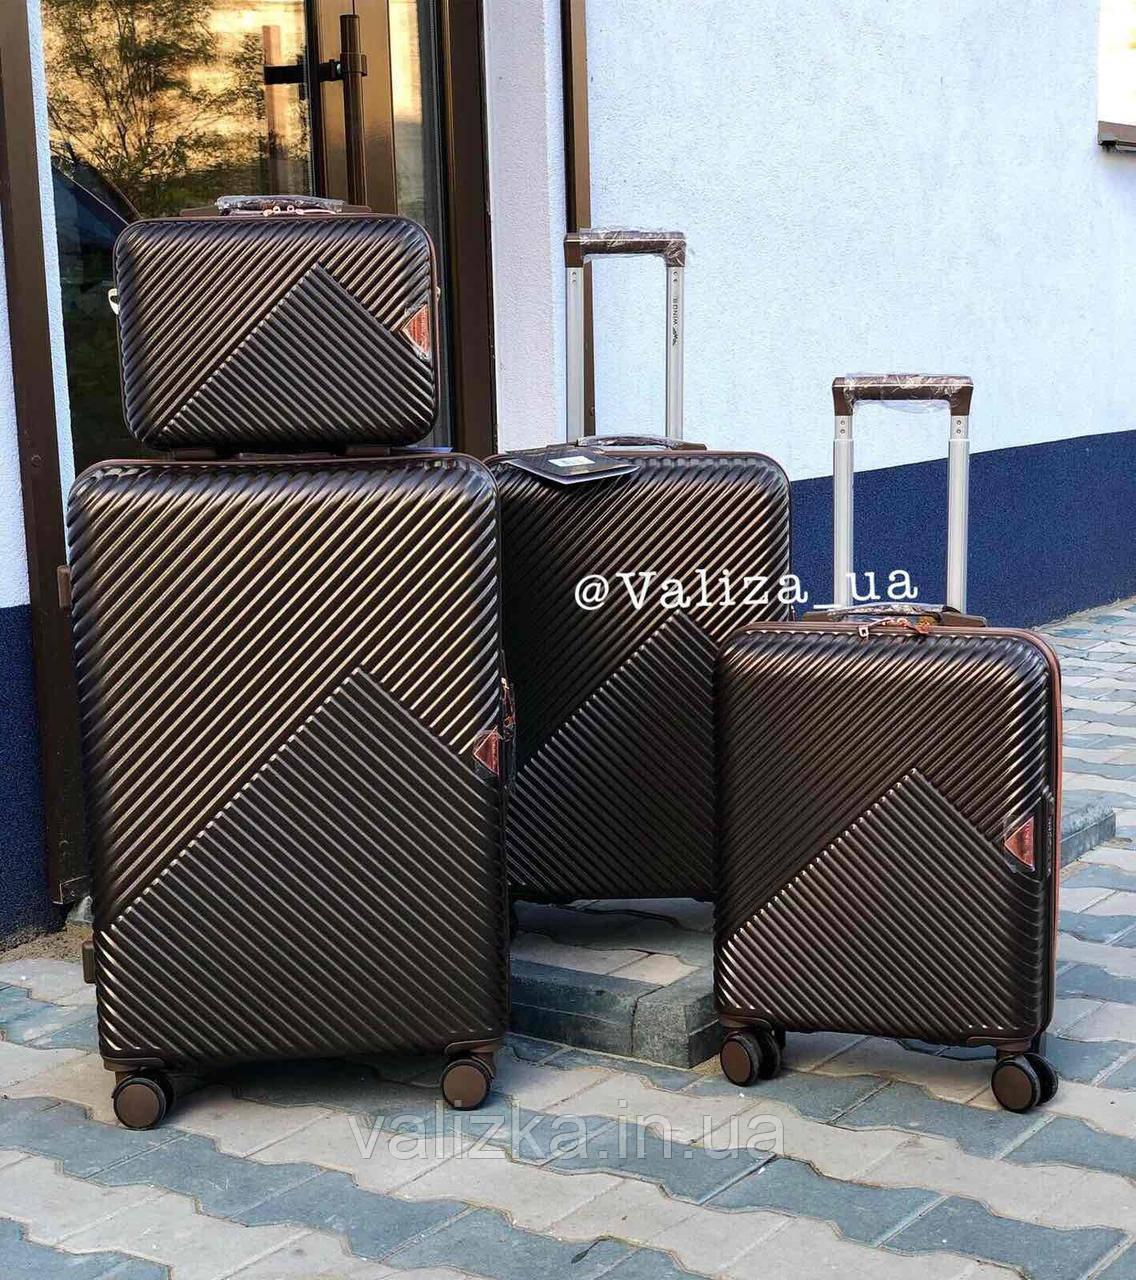 Комплект чемоданов из поликарбоната премиум серии 3 штуки малый, средний, большой + бьюти кейс кофейный